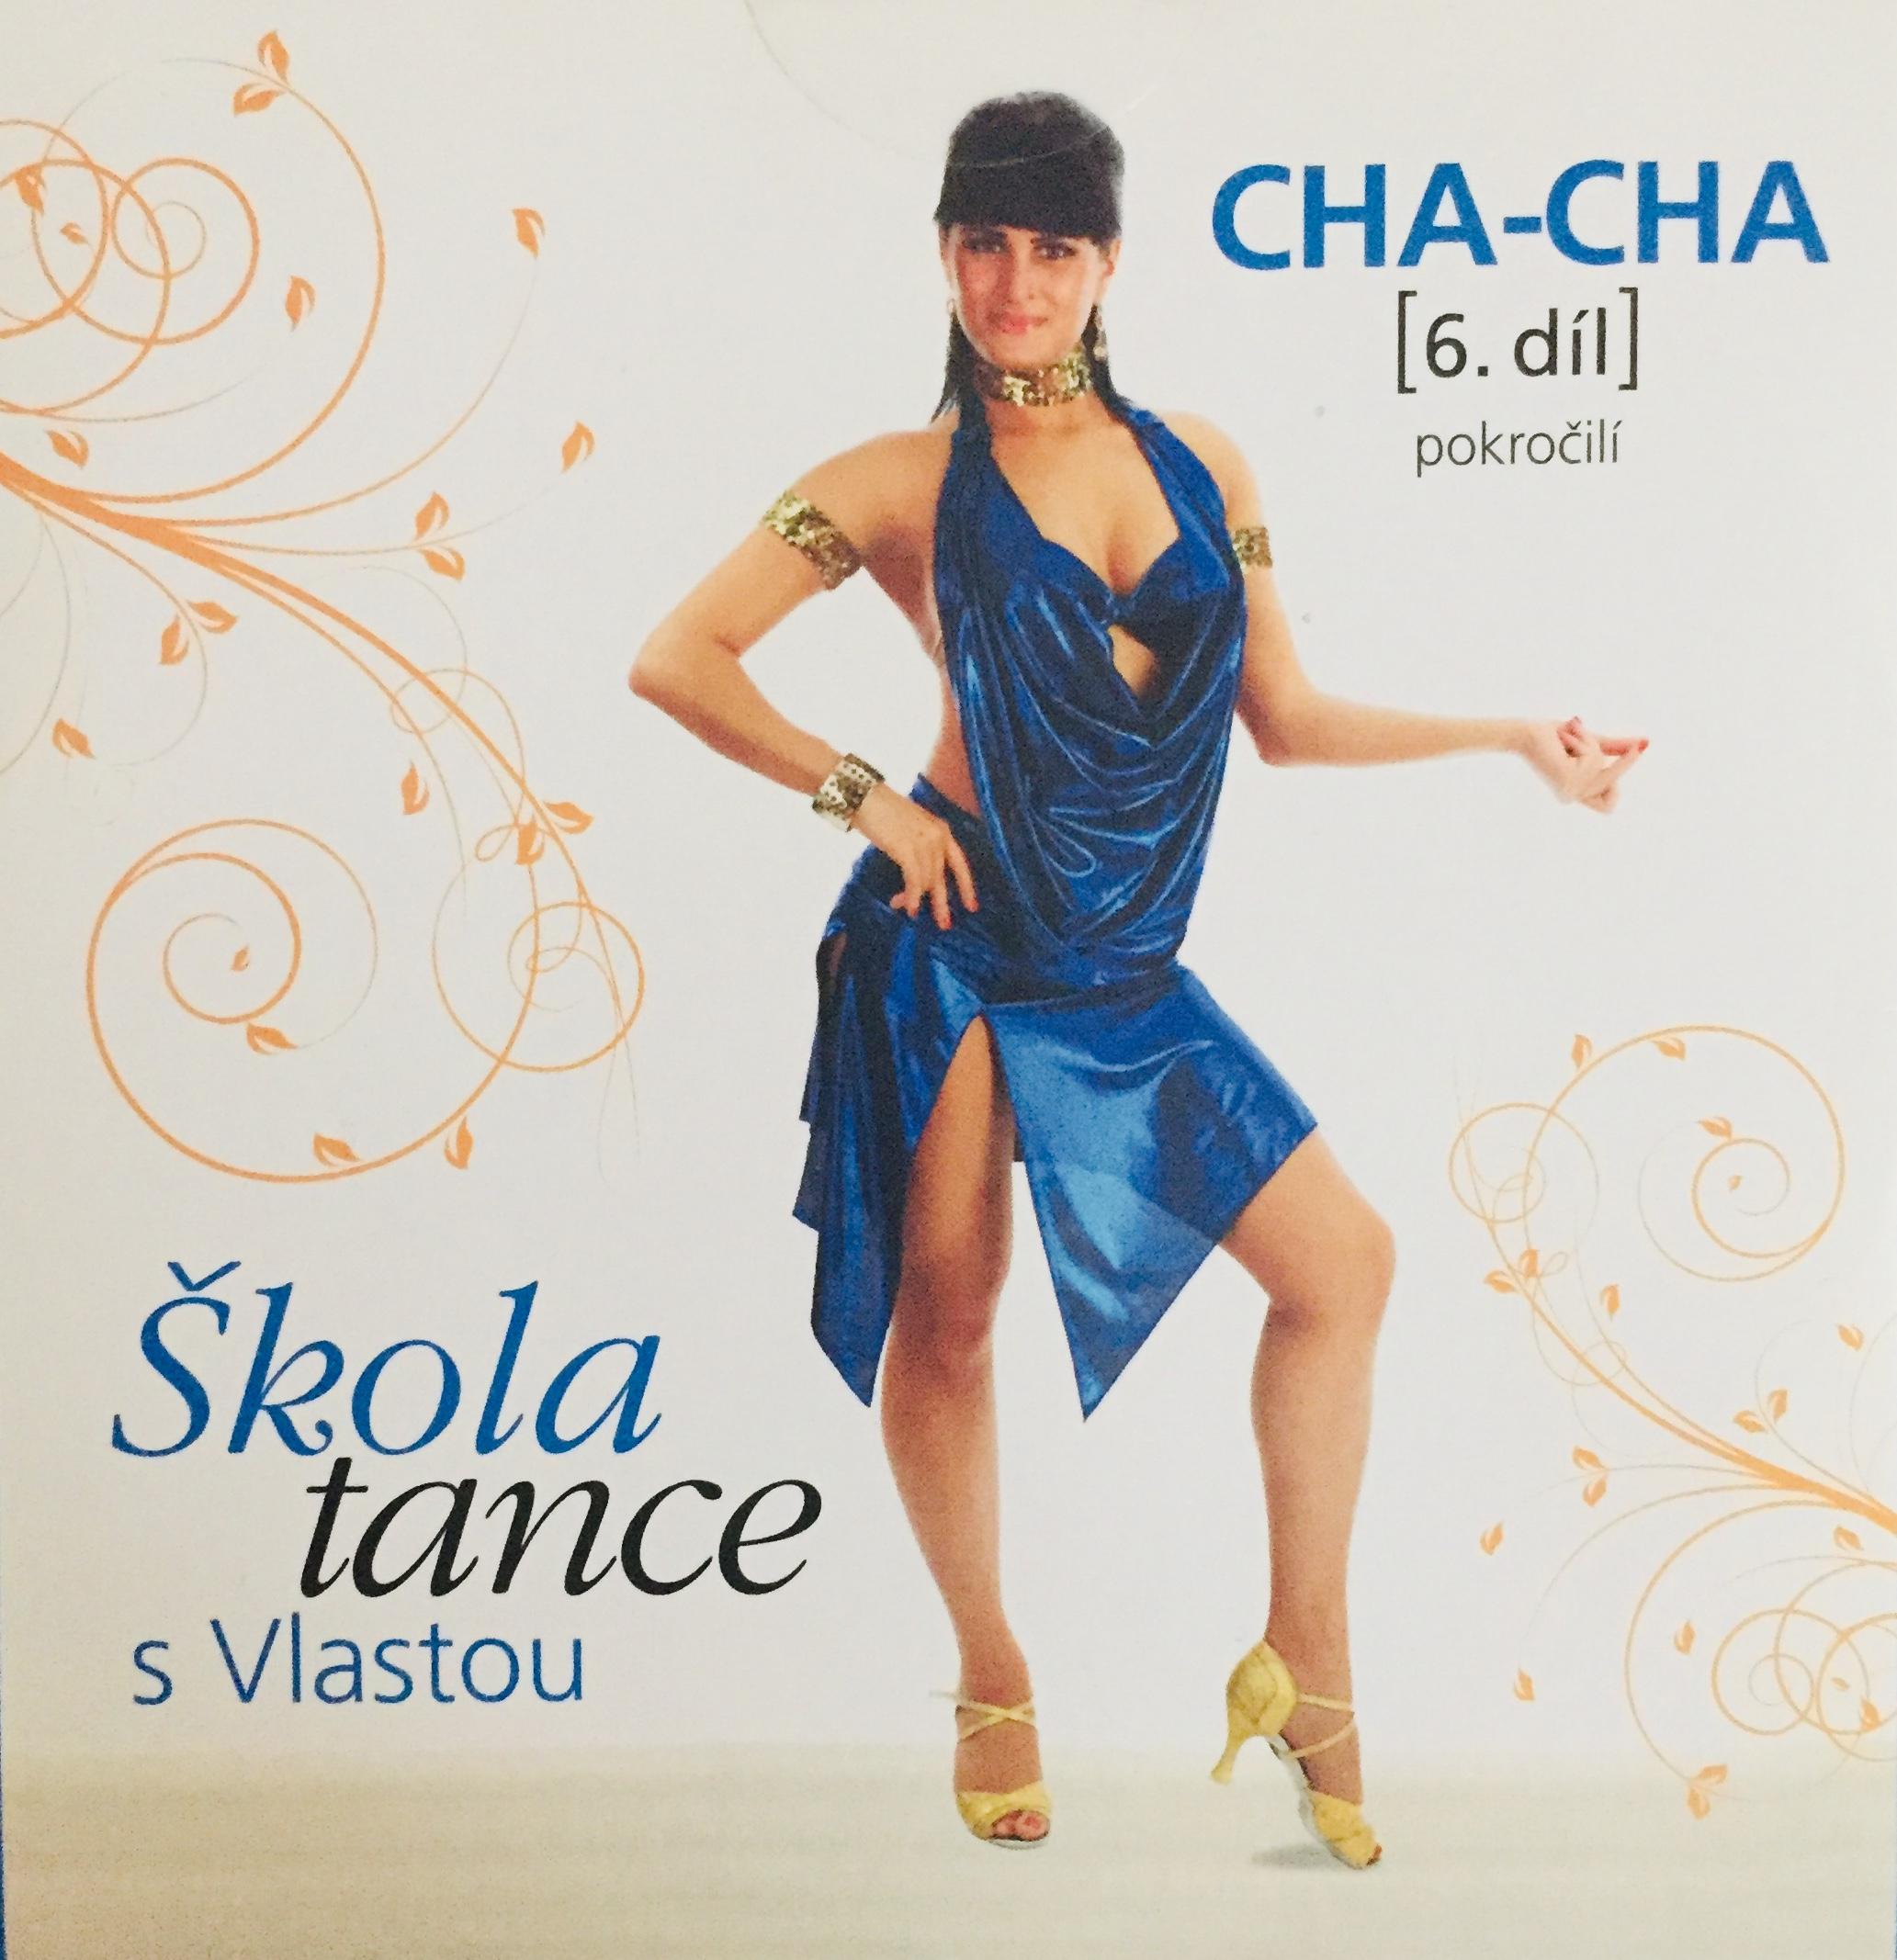 Škola tance s Vlastou - Cha-cha 6. díl - DVD /pošetka malá/